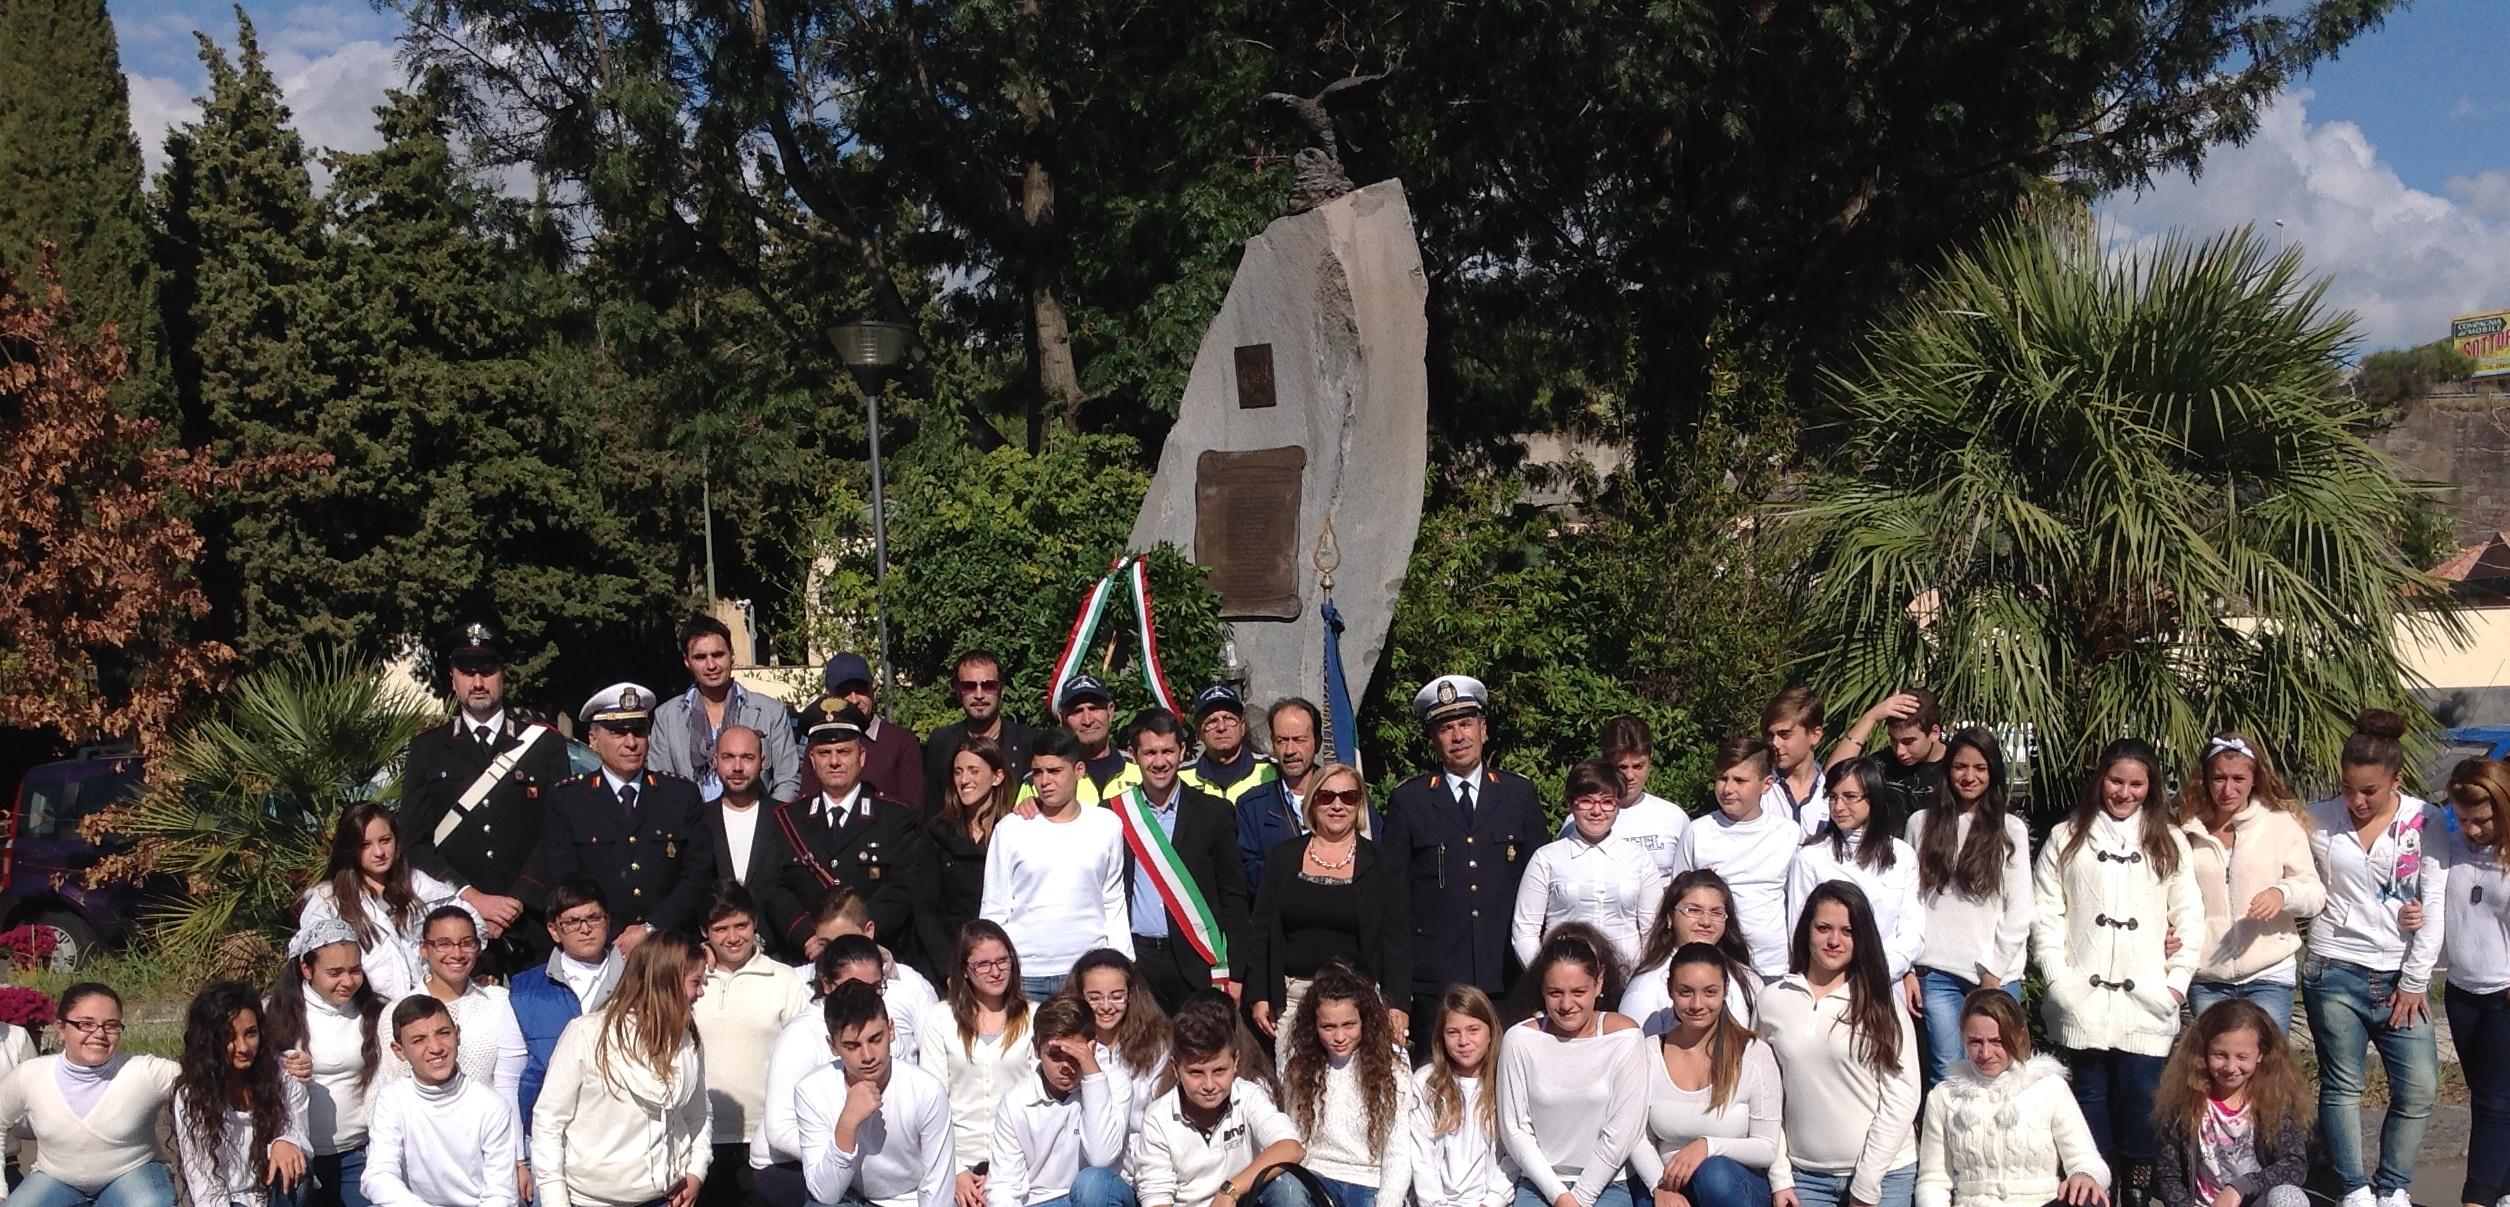 commemorazione dei caduti in guerra 2